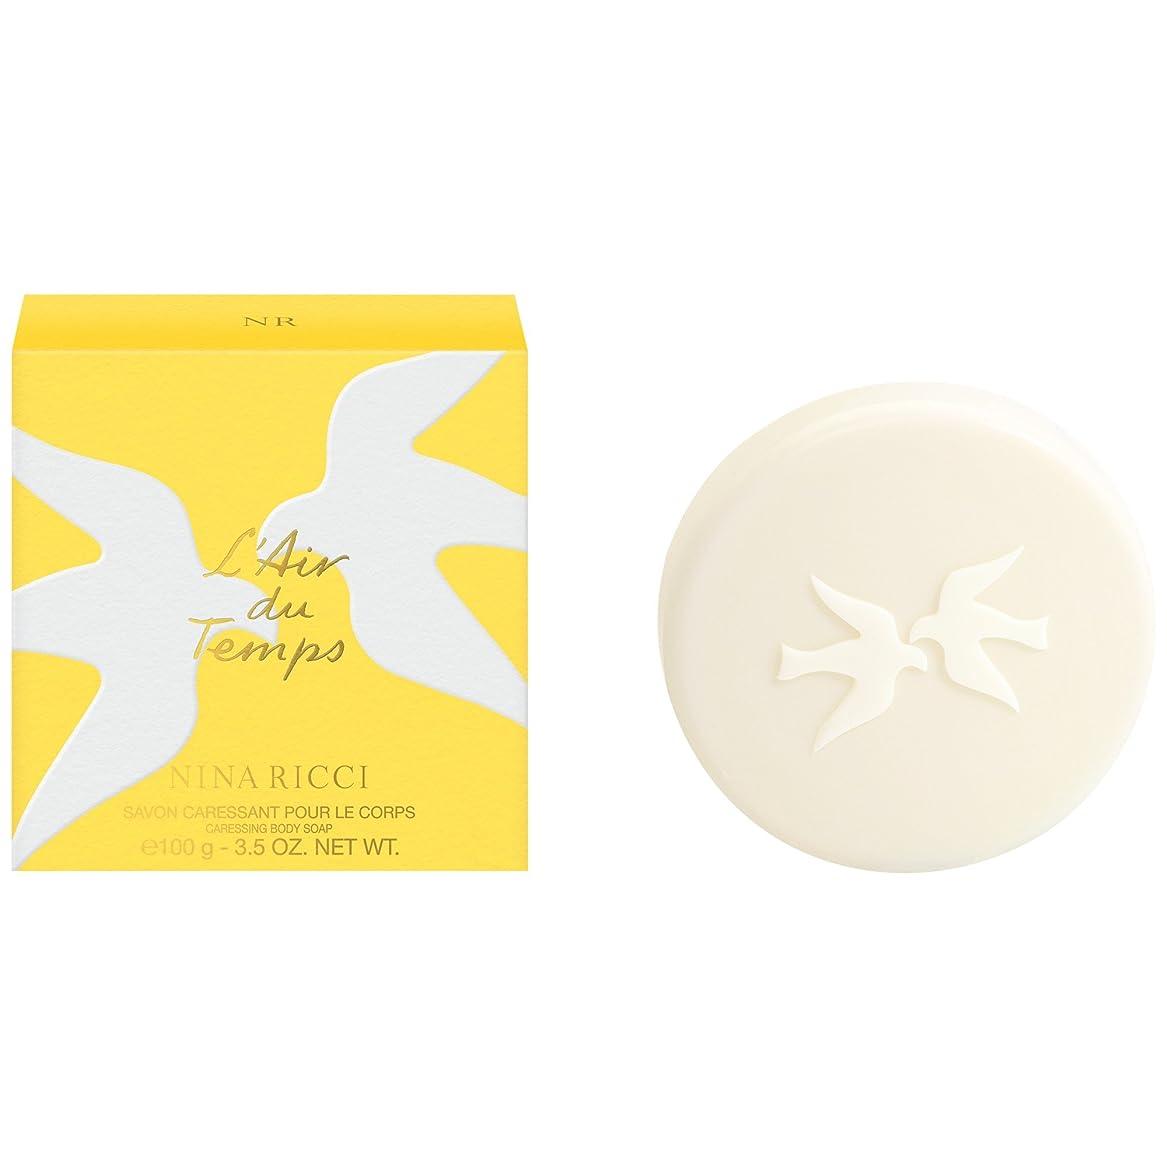 パワーセルゲージ年次ニナリッチL'空気デュは石鹸の100グラムをタン (Nina Ricci) - Nina Ricci L'Air du Temps Soap 100g [並行輸入品]